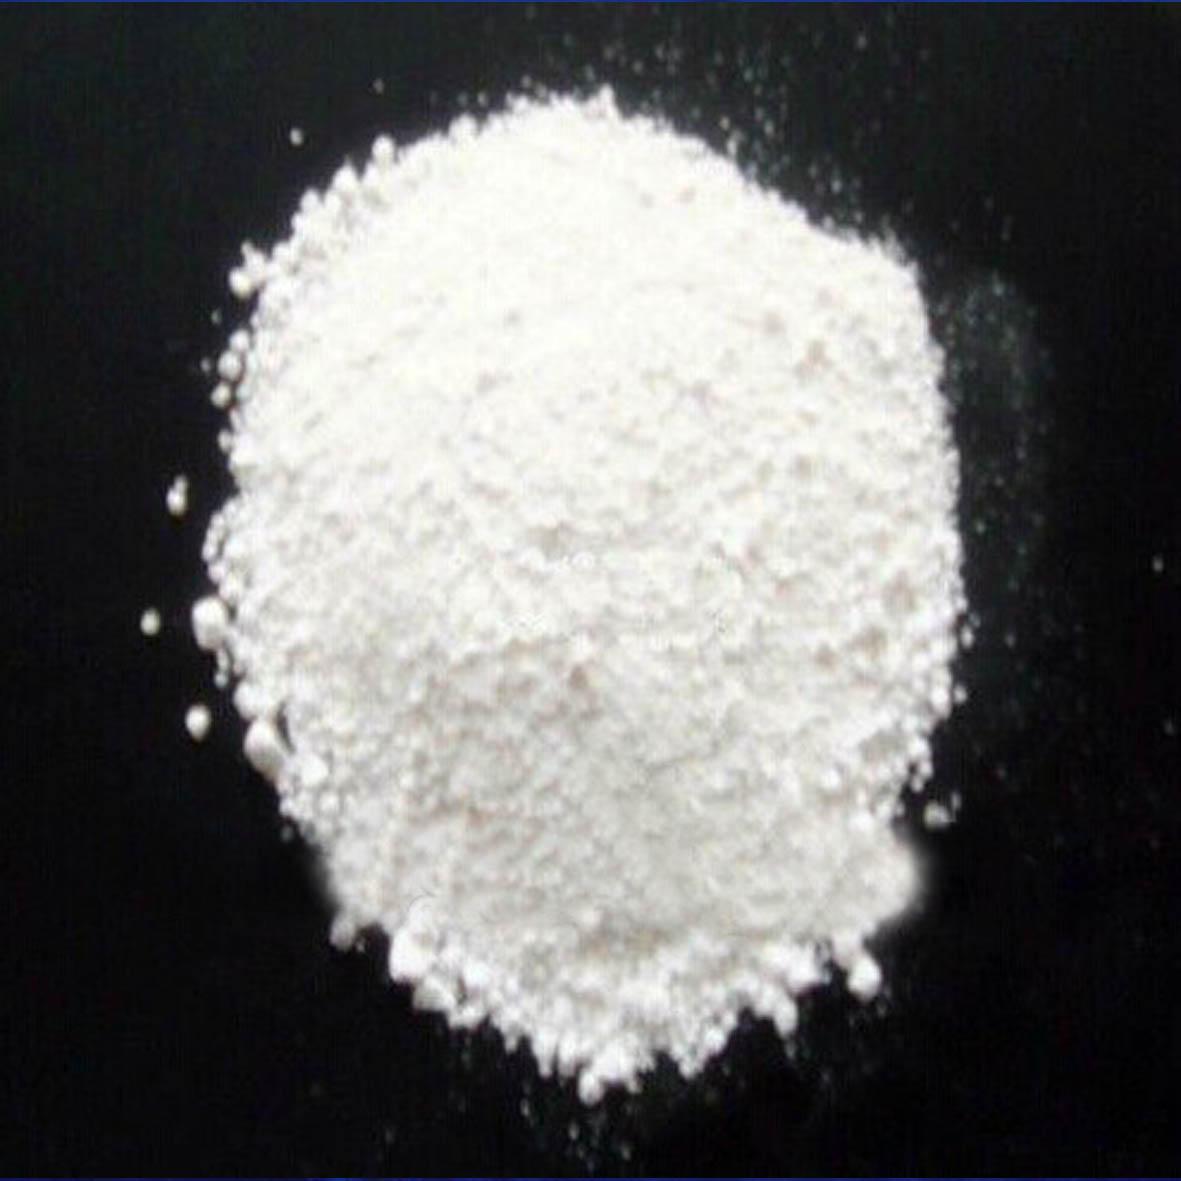 聚四氟乙烯悬浮细粉树脂(JF-G25 JF-G20)